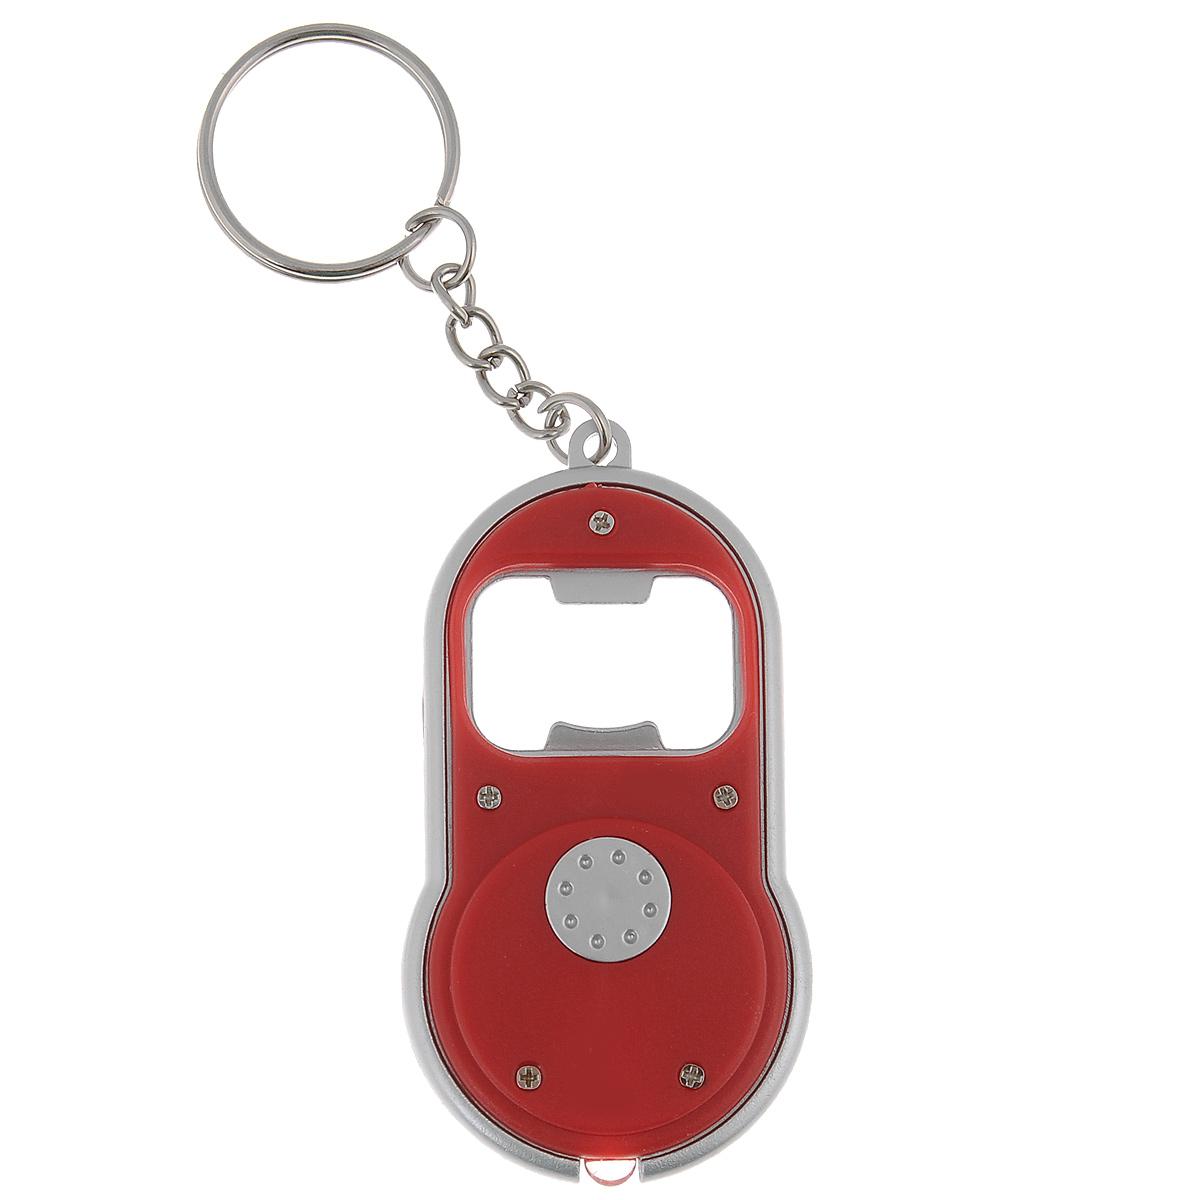 Брелок-открывалка для бутылок Bradex, с фонариком, цвет: красный, 4 см х 7 смTD 0285Простой и удобный аксессуар Bradex является сочетанием двух вещей, которые существенно облегчают повседневную жизнь. Брелок оснащен открывалкой и фонариком и легко крепится на сумке, связке ключей или легко помещается в кармане, чтобы быть под рукой в нужный момент.Работает от 2 батареек типа CR1120 (входят в комплект). Размер брелока: 4 см х 7 см х 0,7 см.